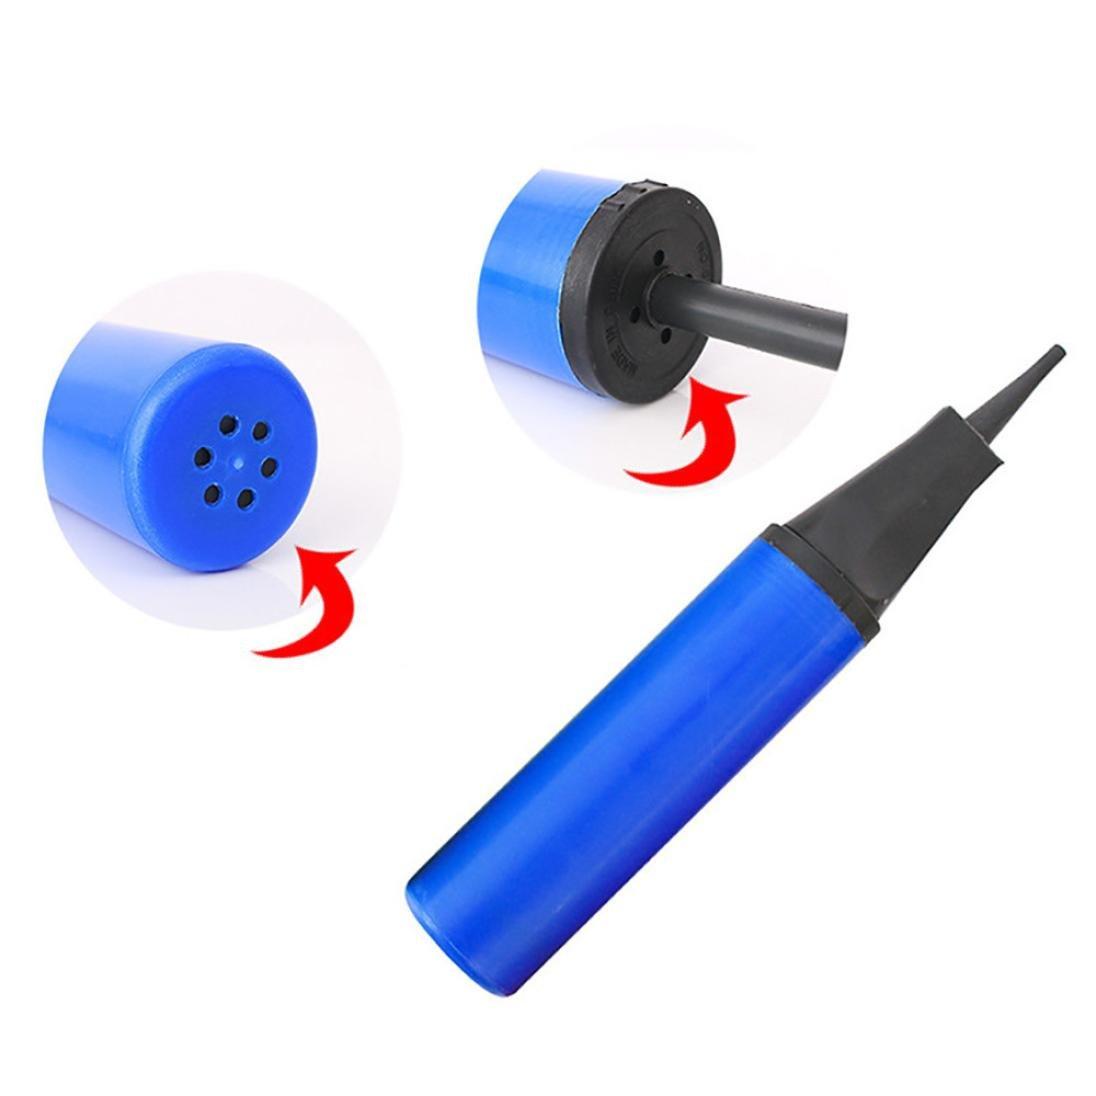 Dartphew Toys、Dartphew アウトドア ポータブル 手持ち プラスチック 空気入れ バルーン 空気ボール/バーム/水泳用ラフト/プール用 (カラーとスタイル: ランダム)   B07FF4S98P